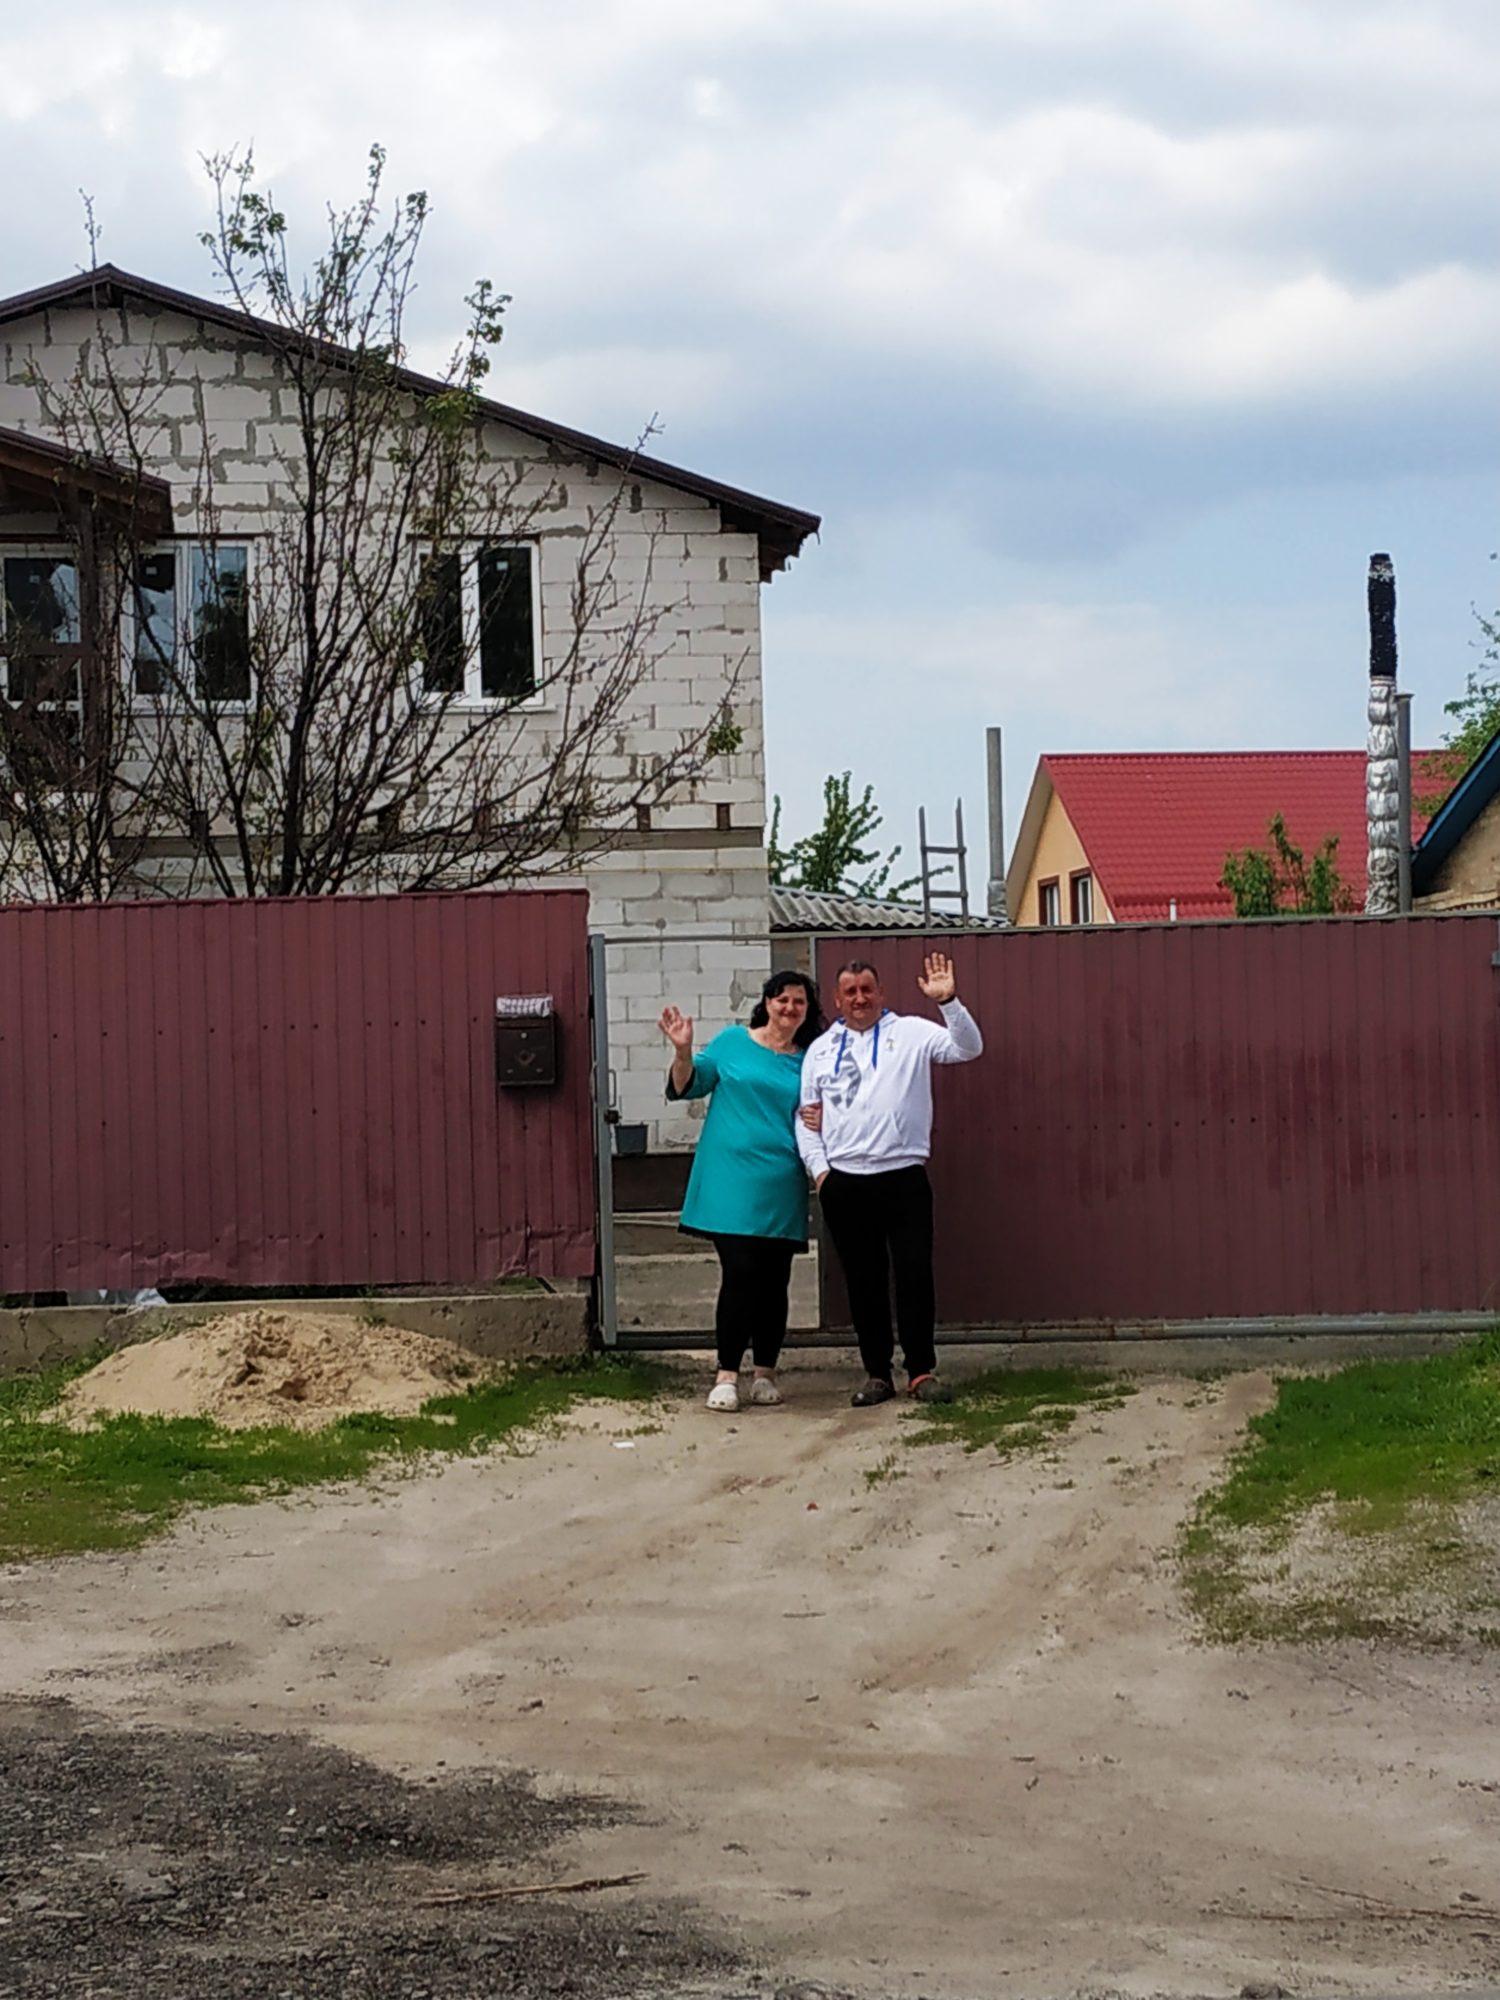 Секрет дружної родини: головне – це любити дітей - київщина, дитячий будинок сімейного типу, Вишгородський район - 0515 Bondarenky8 1500x2000